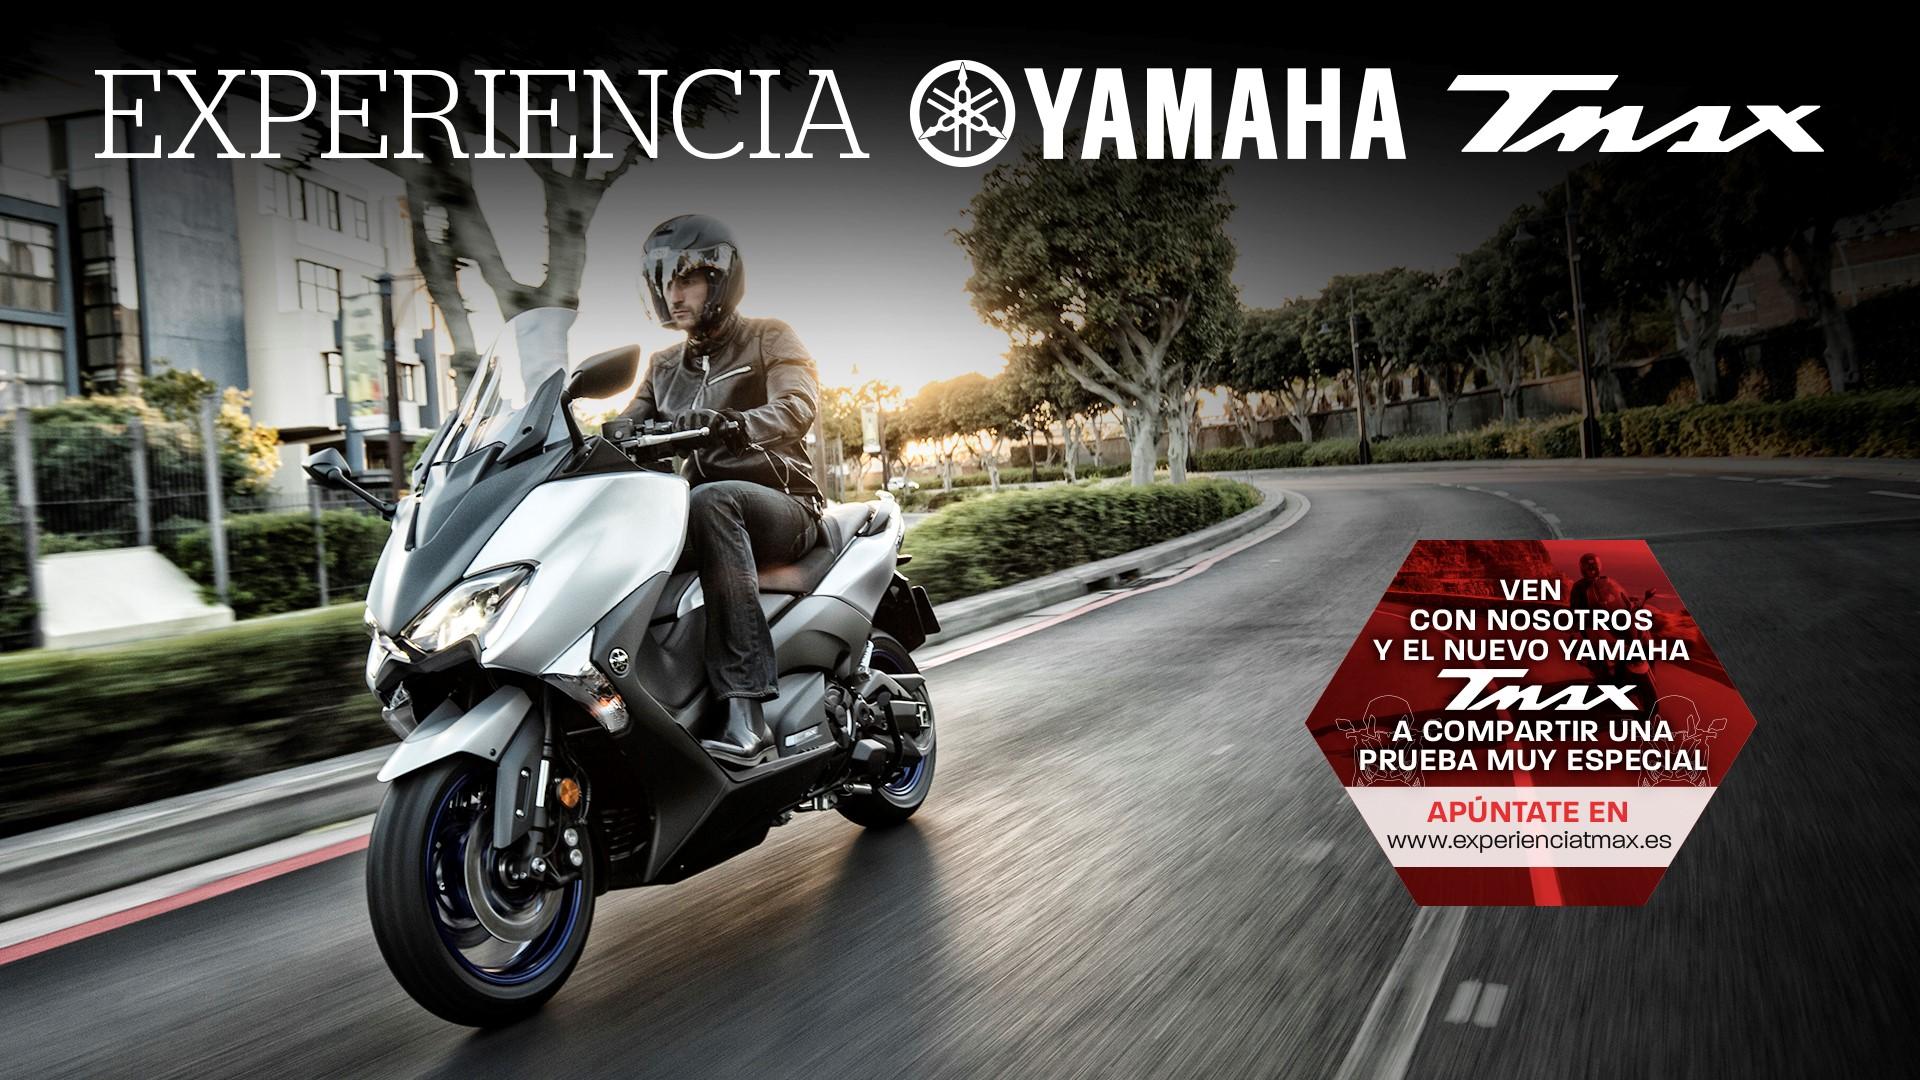 Experiencia Yamaha TMAX, comienza la cuenta atrás